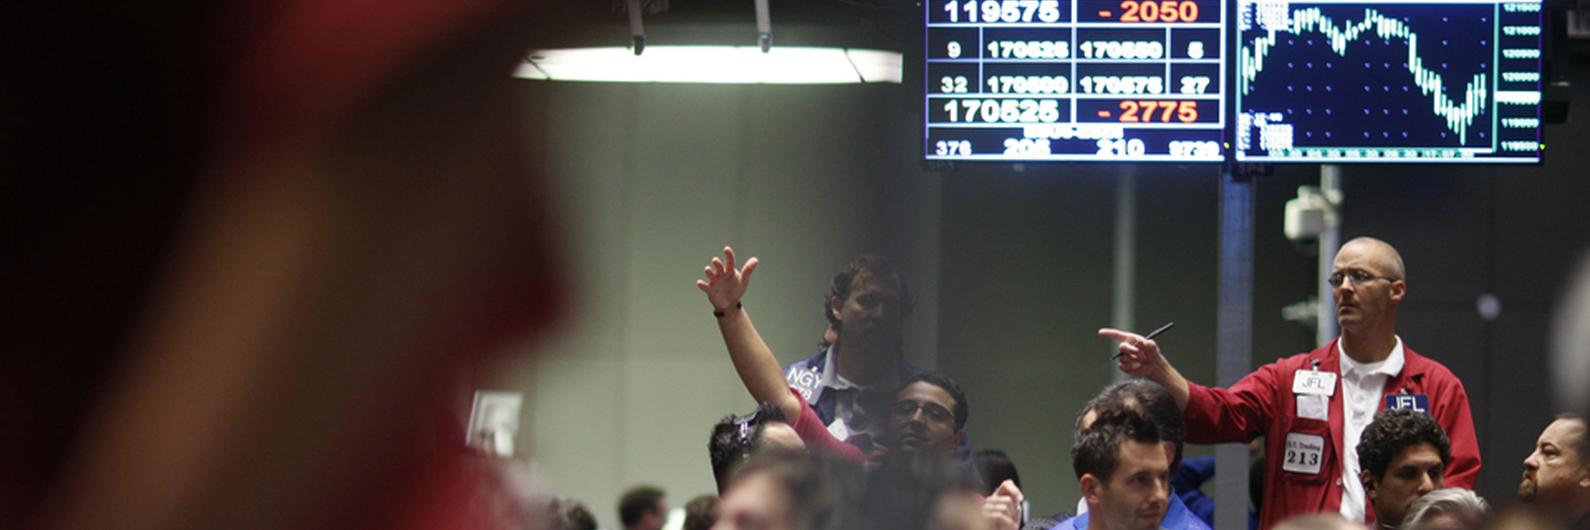 Wall Street volta a fechar em alta e com máximos históricos